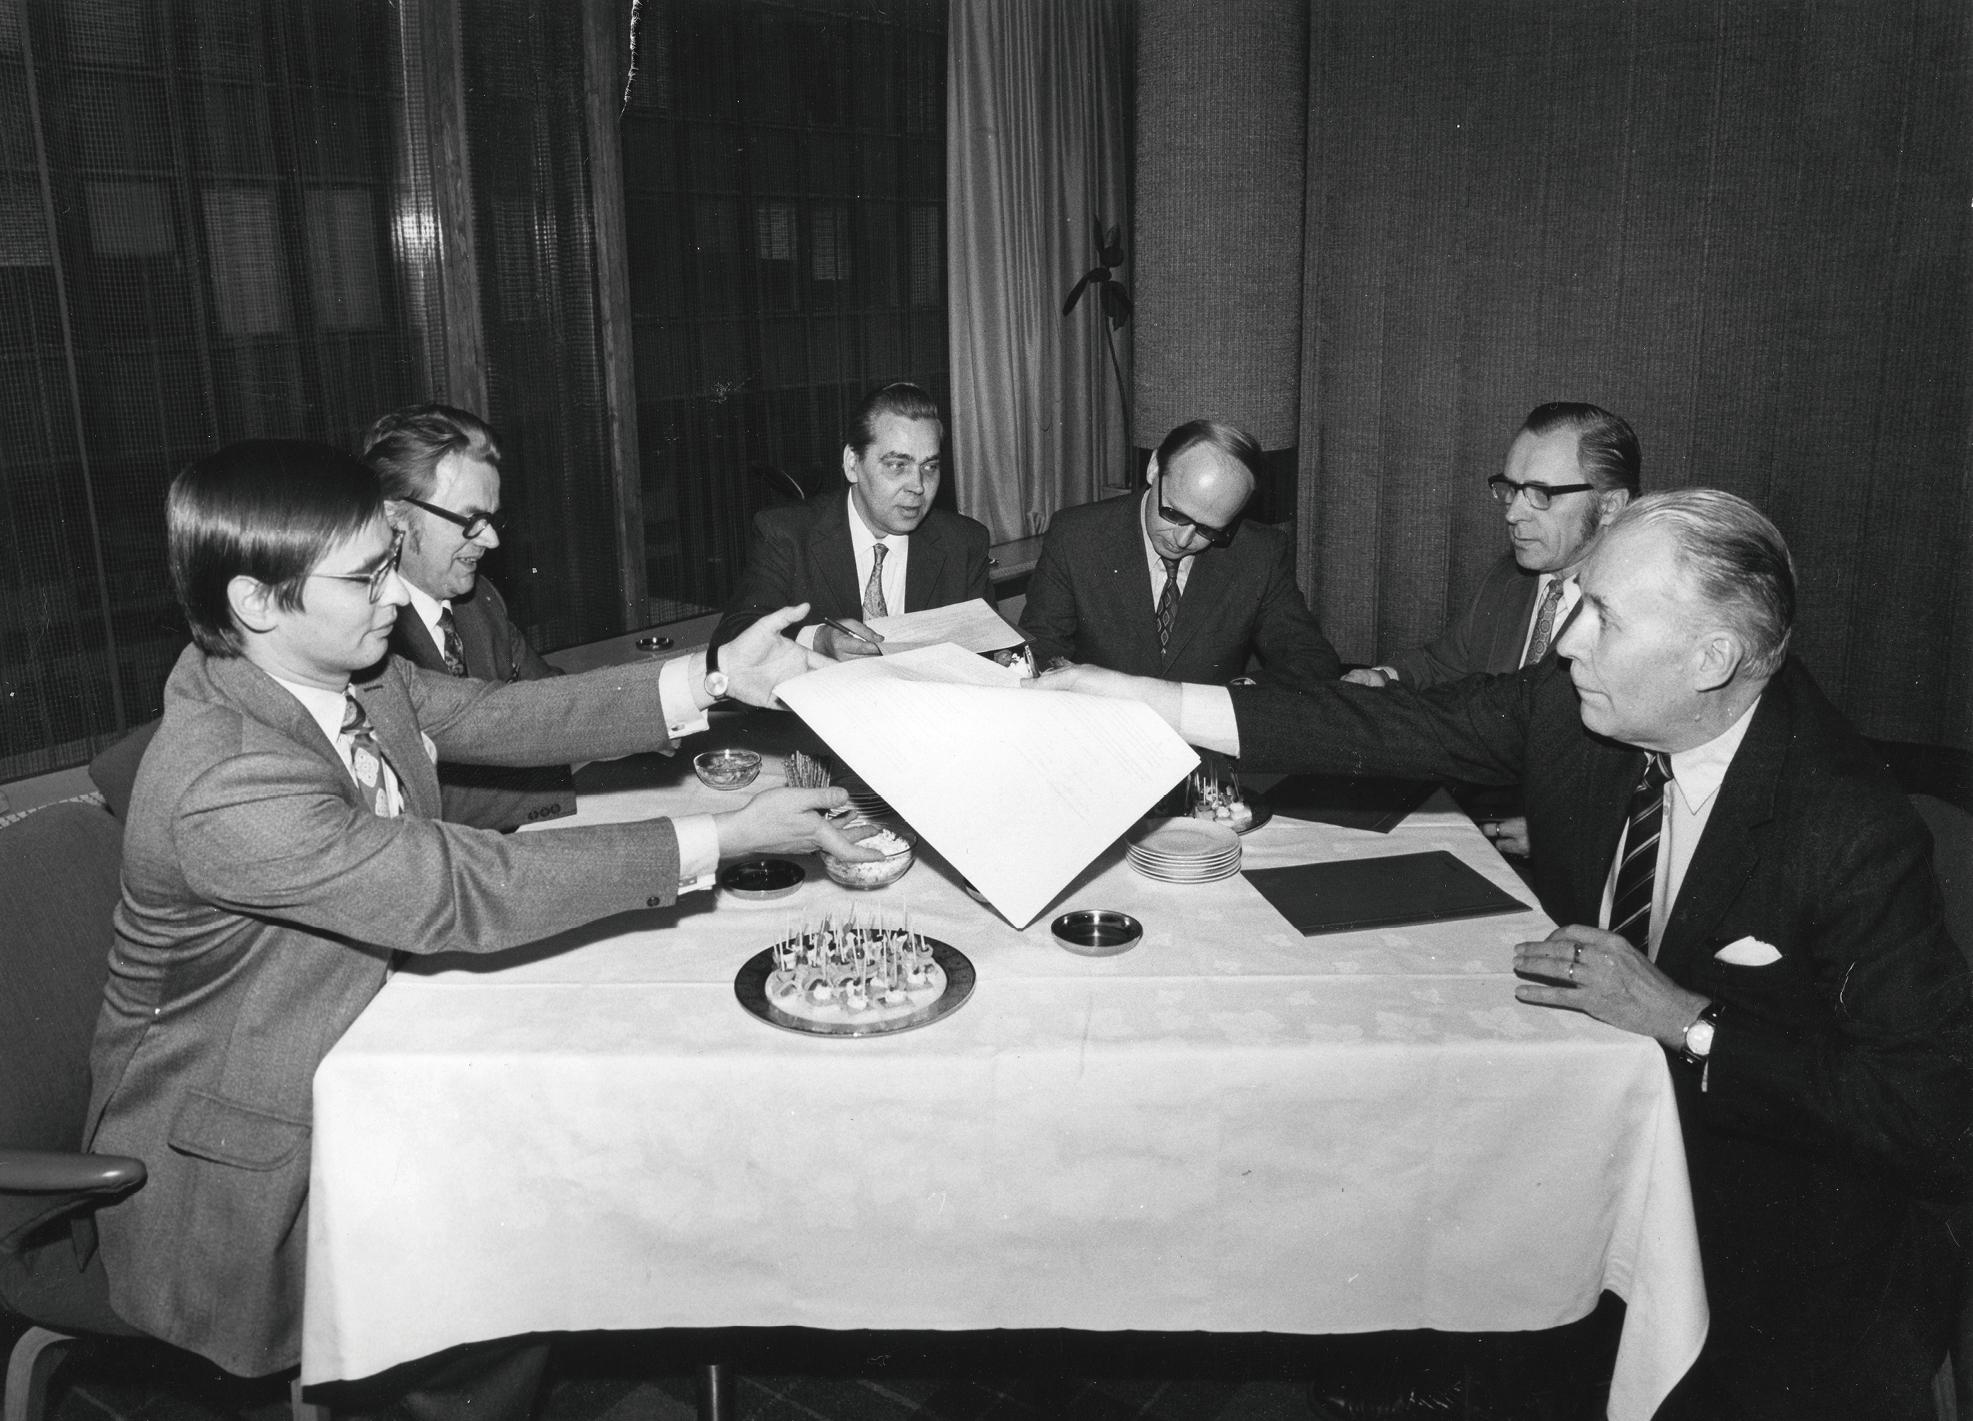 YTN:n perustamisasiakirja allekirjoitettiin 15.10.1973. Allekirjoittajat vasemmalta Alari Kujala ja Aimo Puromäki KALista. Aulis Eskola ja Unto Rissanen Akavasta sekä Pauli Aitokallio ja Jaakko Liede Insinööriliitosta.